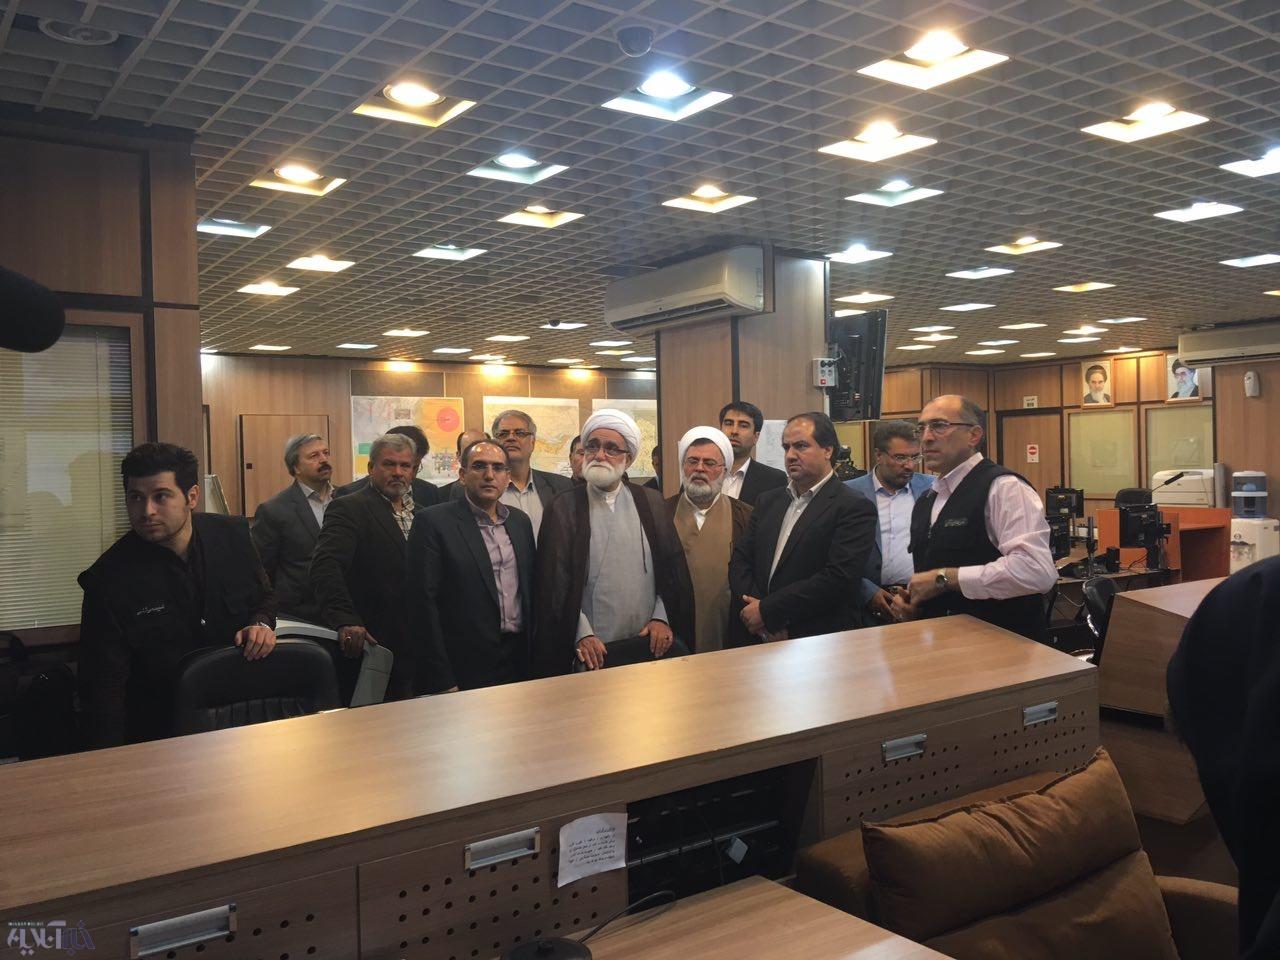 بازدید نماینده ولی فقیه در جمعیت هلال احمر از سازمان مدیریت بحران شهر تهران